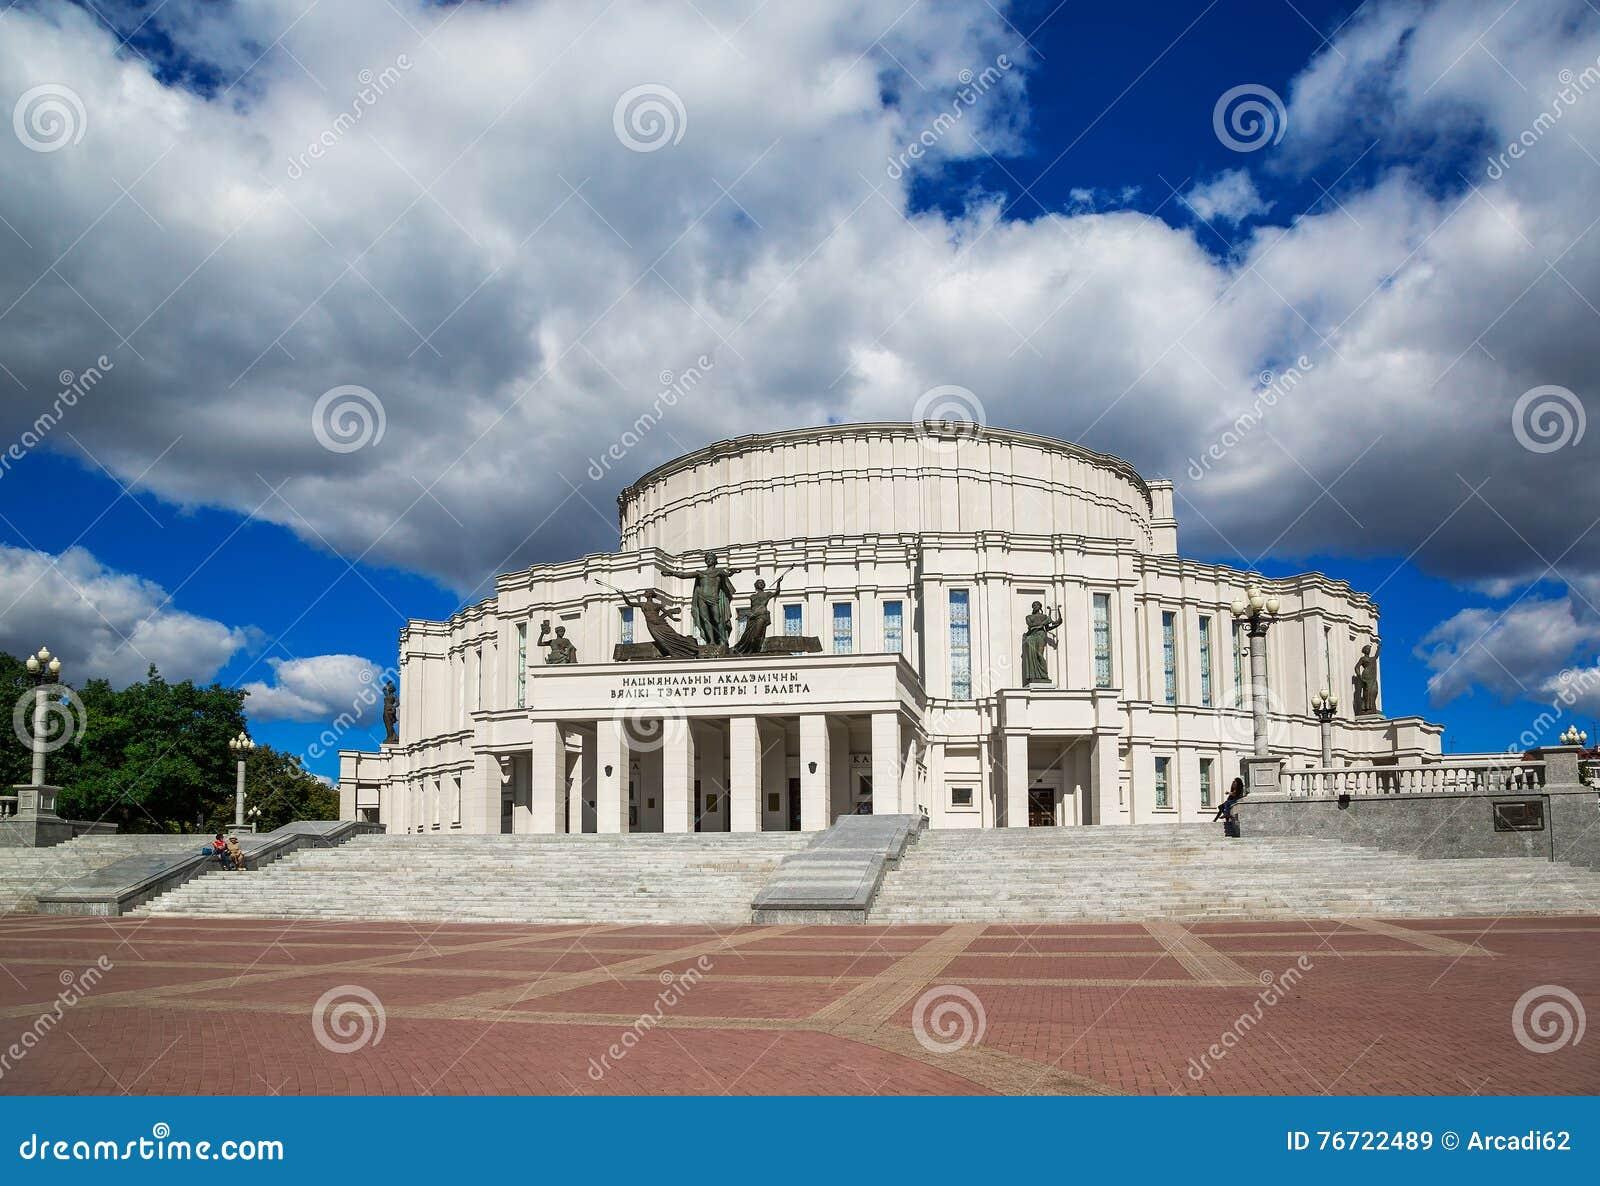 Фотосессия в оперном театре минск